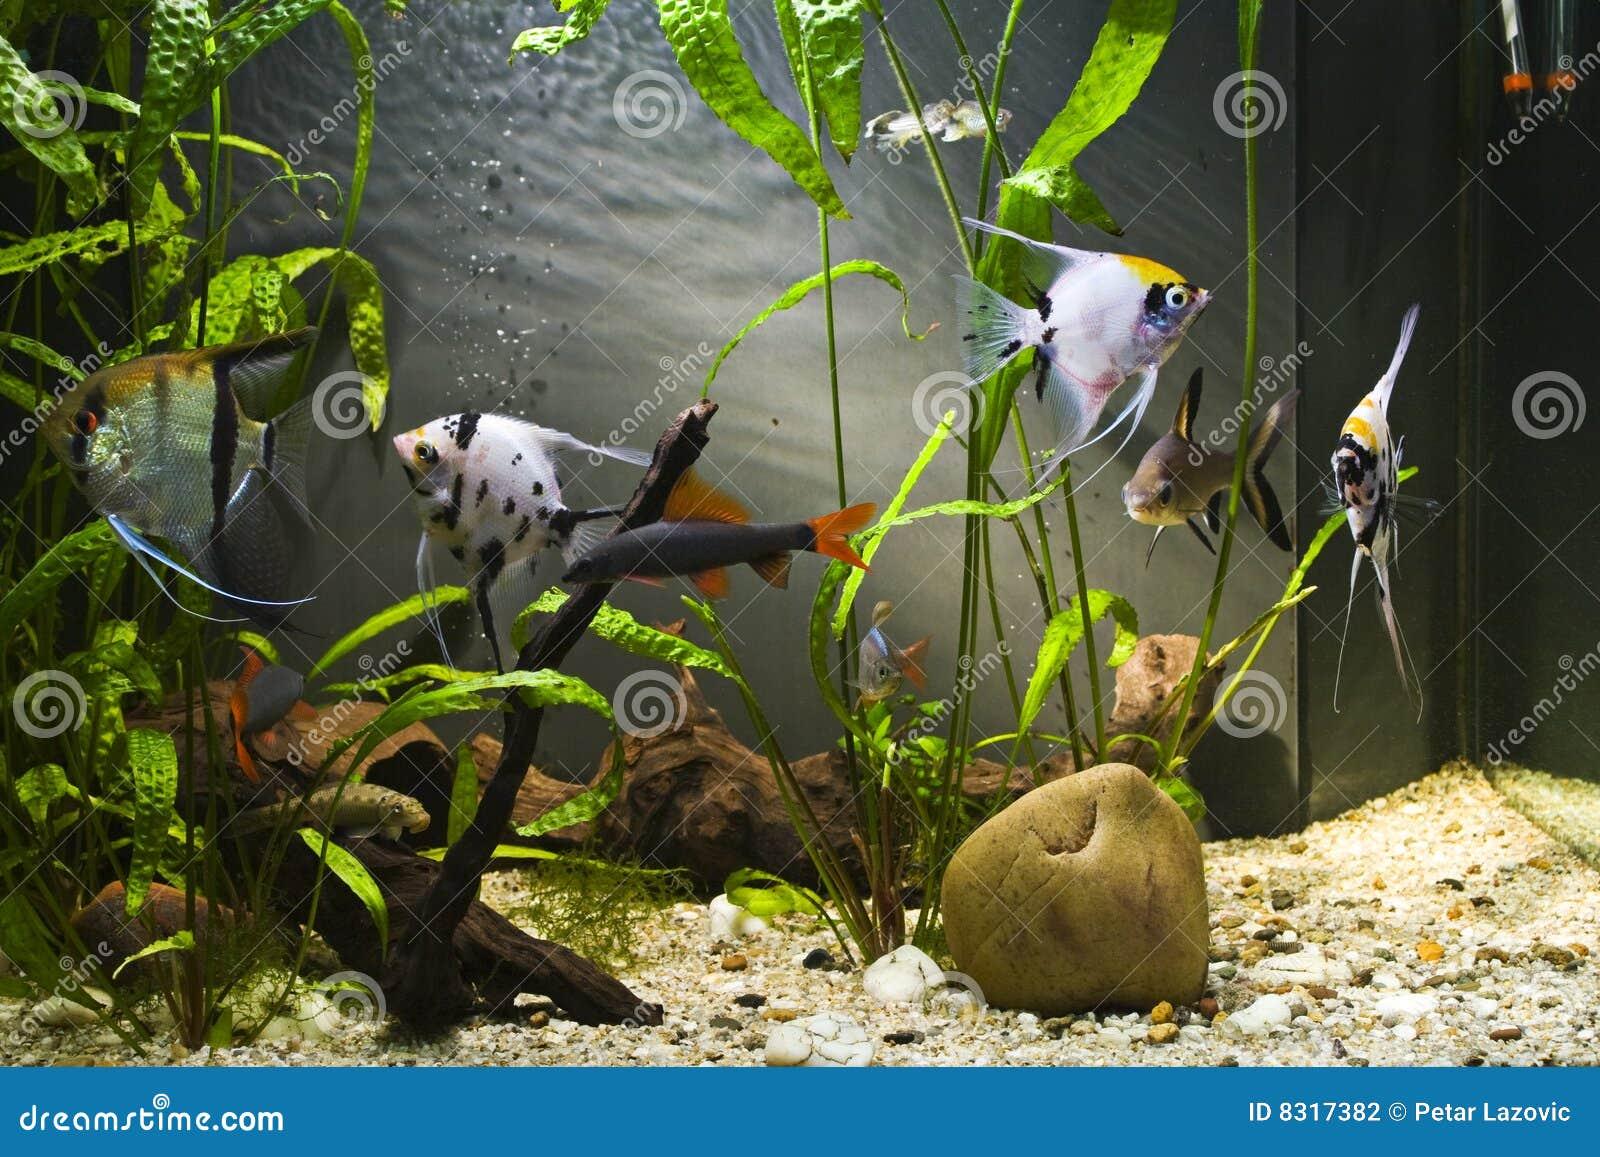 Acquario d 39 acqua dolce tropicale fotografia stock for Acquario acqua dolce